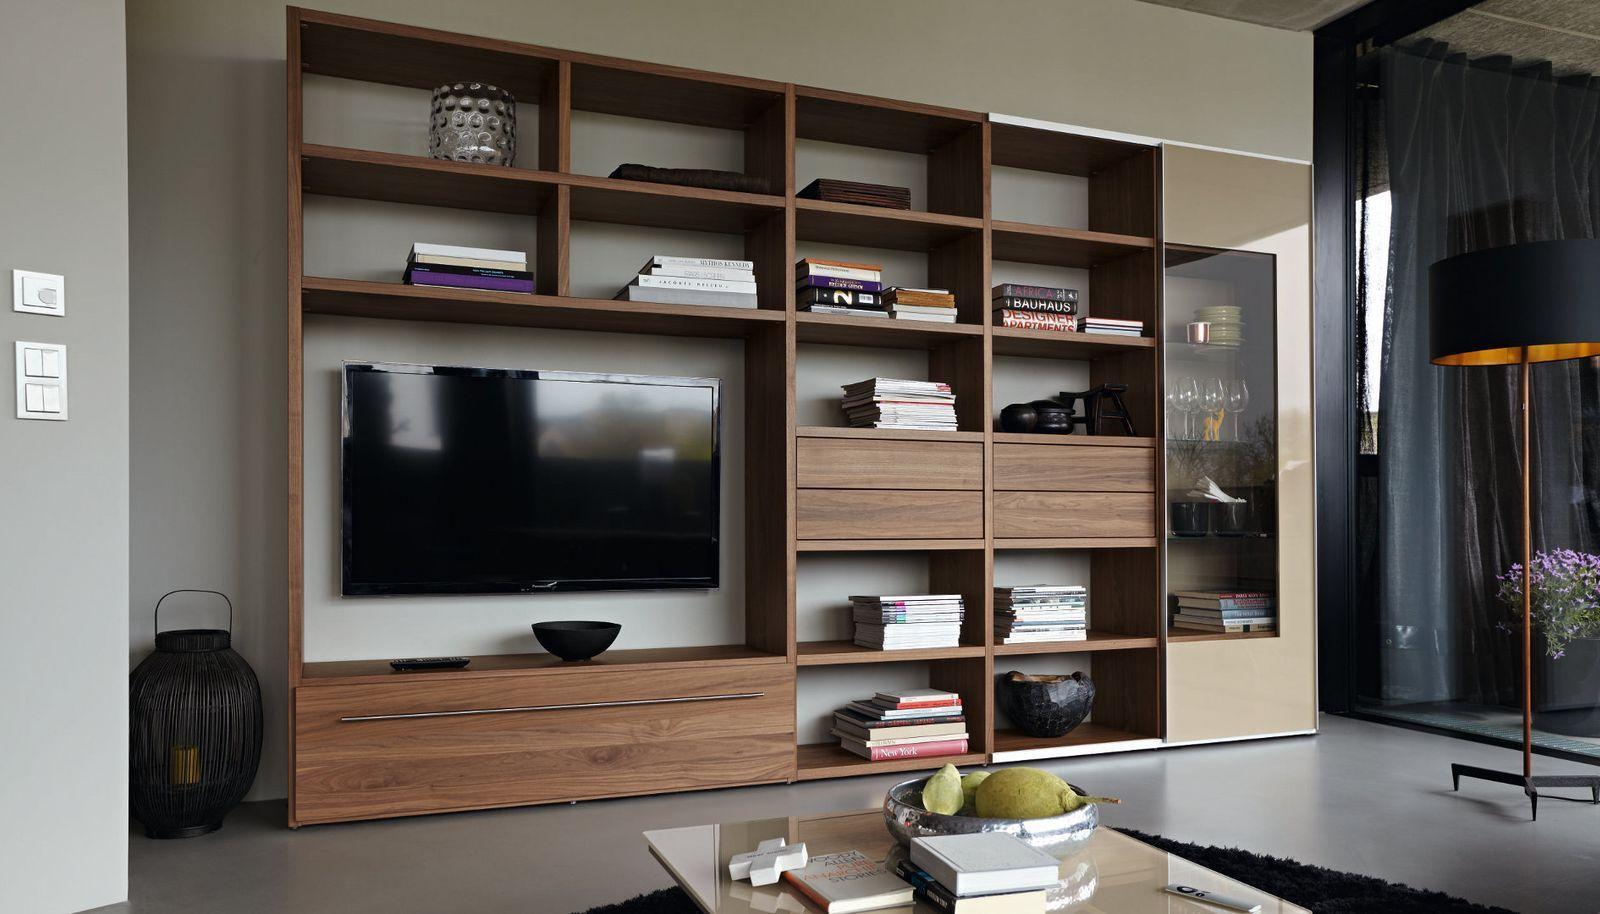 126749 10067953 Jpg 1600 914 Wohnen Wohnzimmermobel Modern Wohnzimmerwand